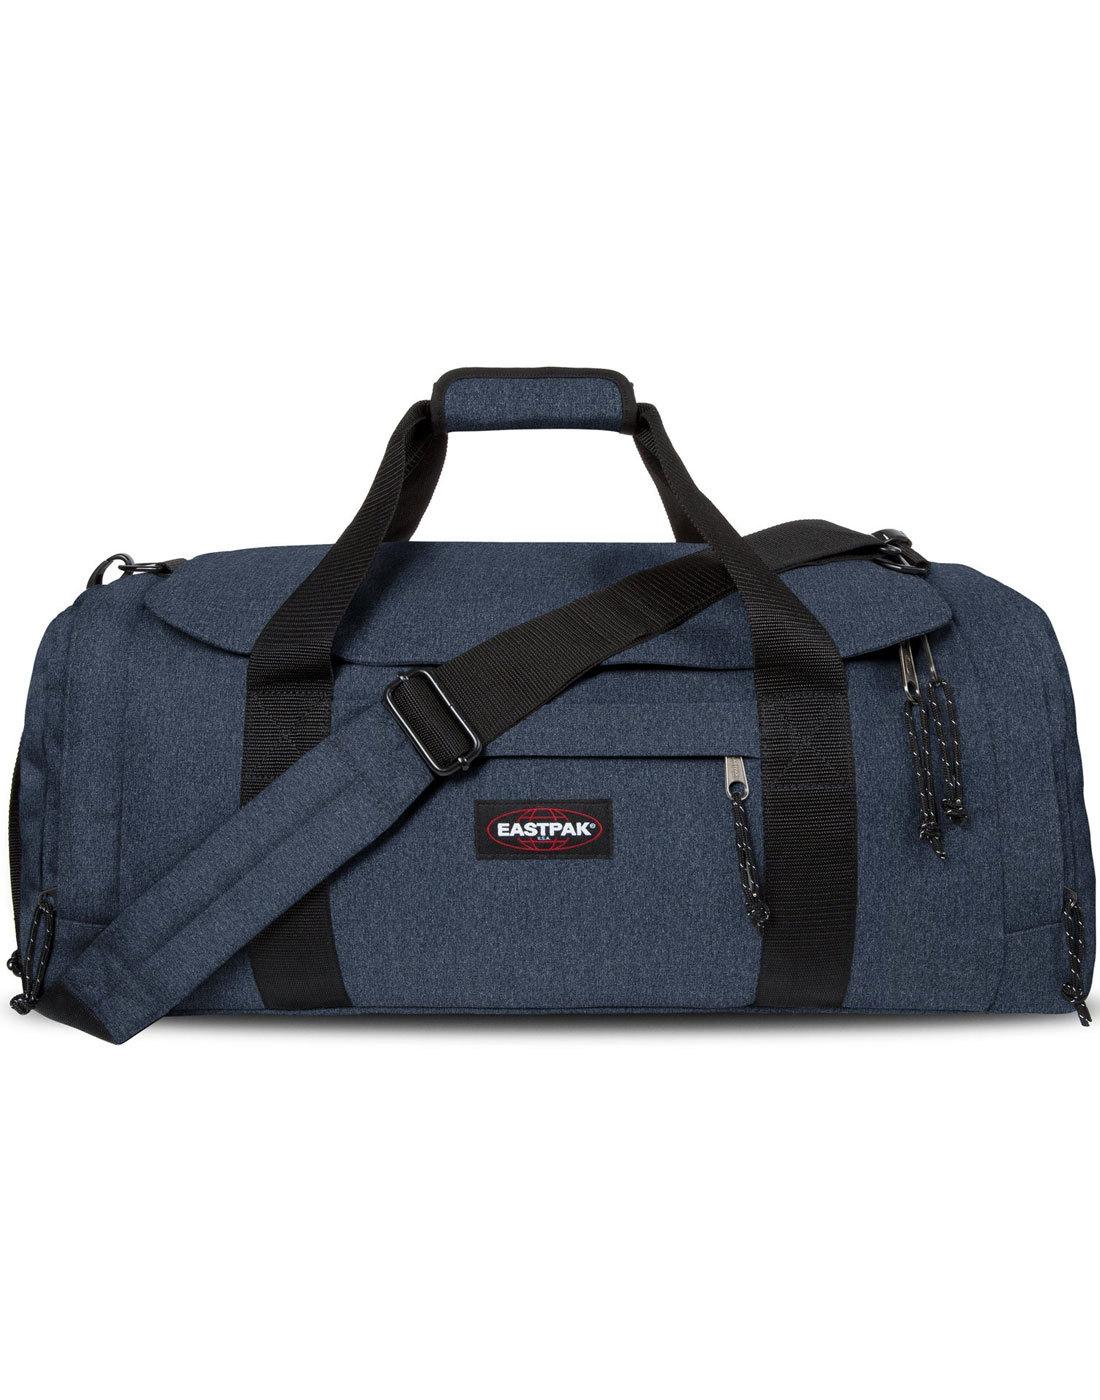 Reader EASTPAK Retro Mod Cabin Size Holdall Bag